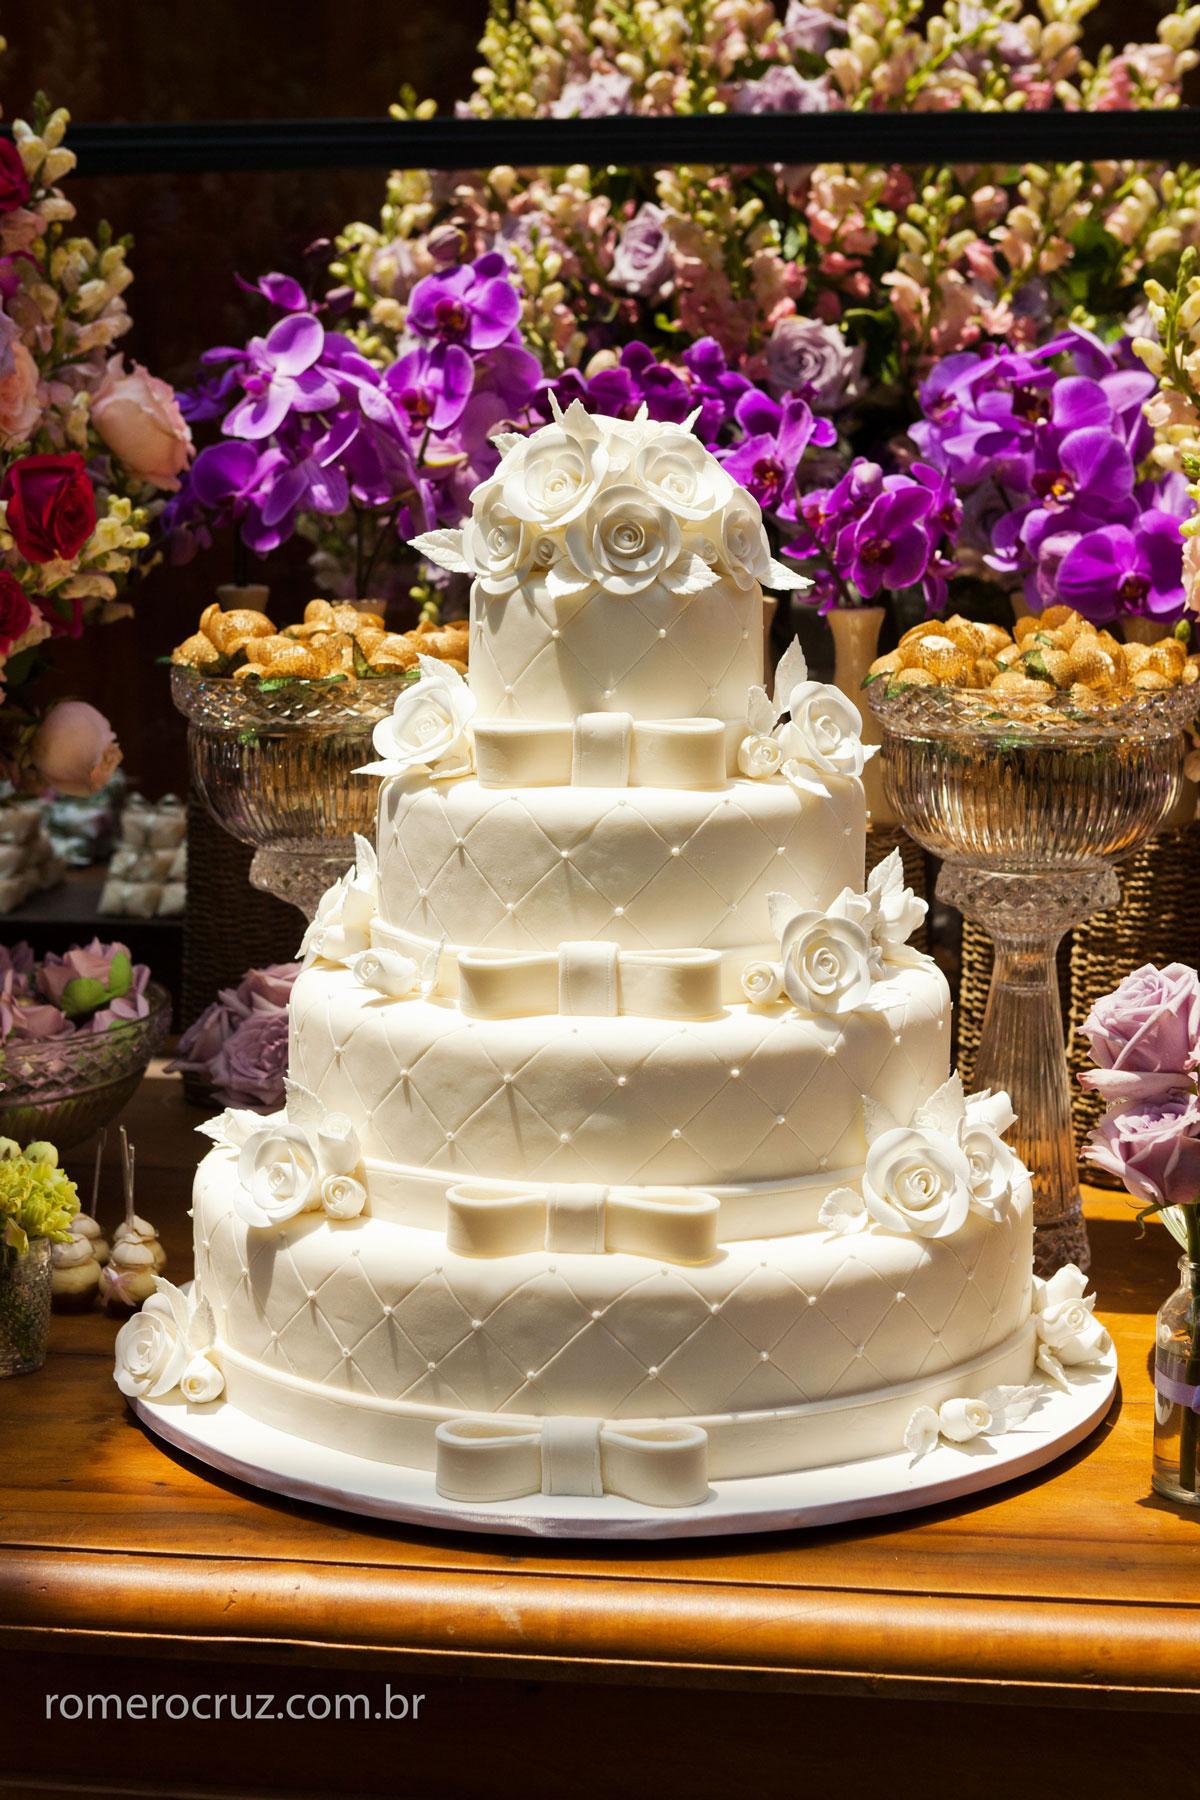 Bolo de casamento fotografado pelo fotógrafo profissional Romero Cruz no restaurante Cantaloup em São Paulo-SP